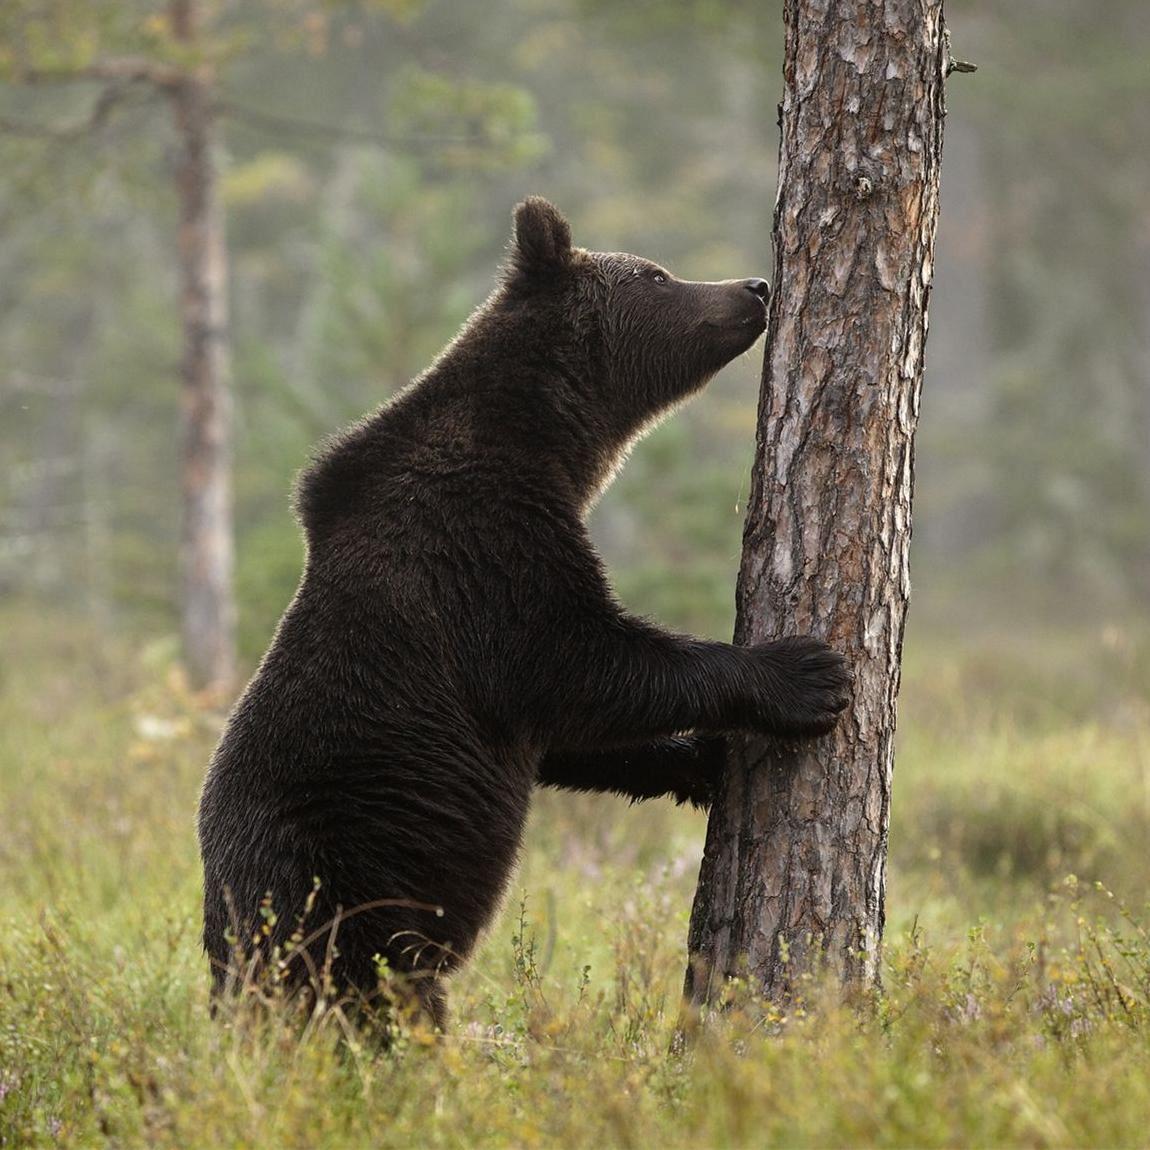 Håkan Vargas S.,  © Håkan Vargas S., Har man lite tur gör björnarna sån´t som blir bra på bild.